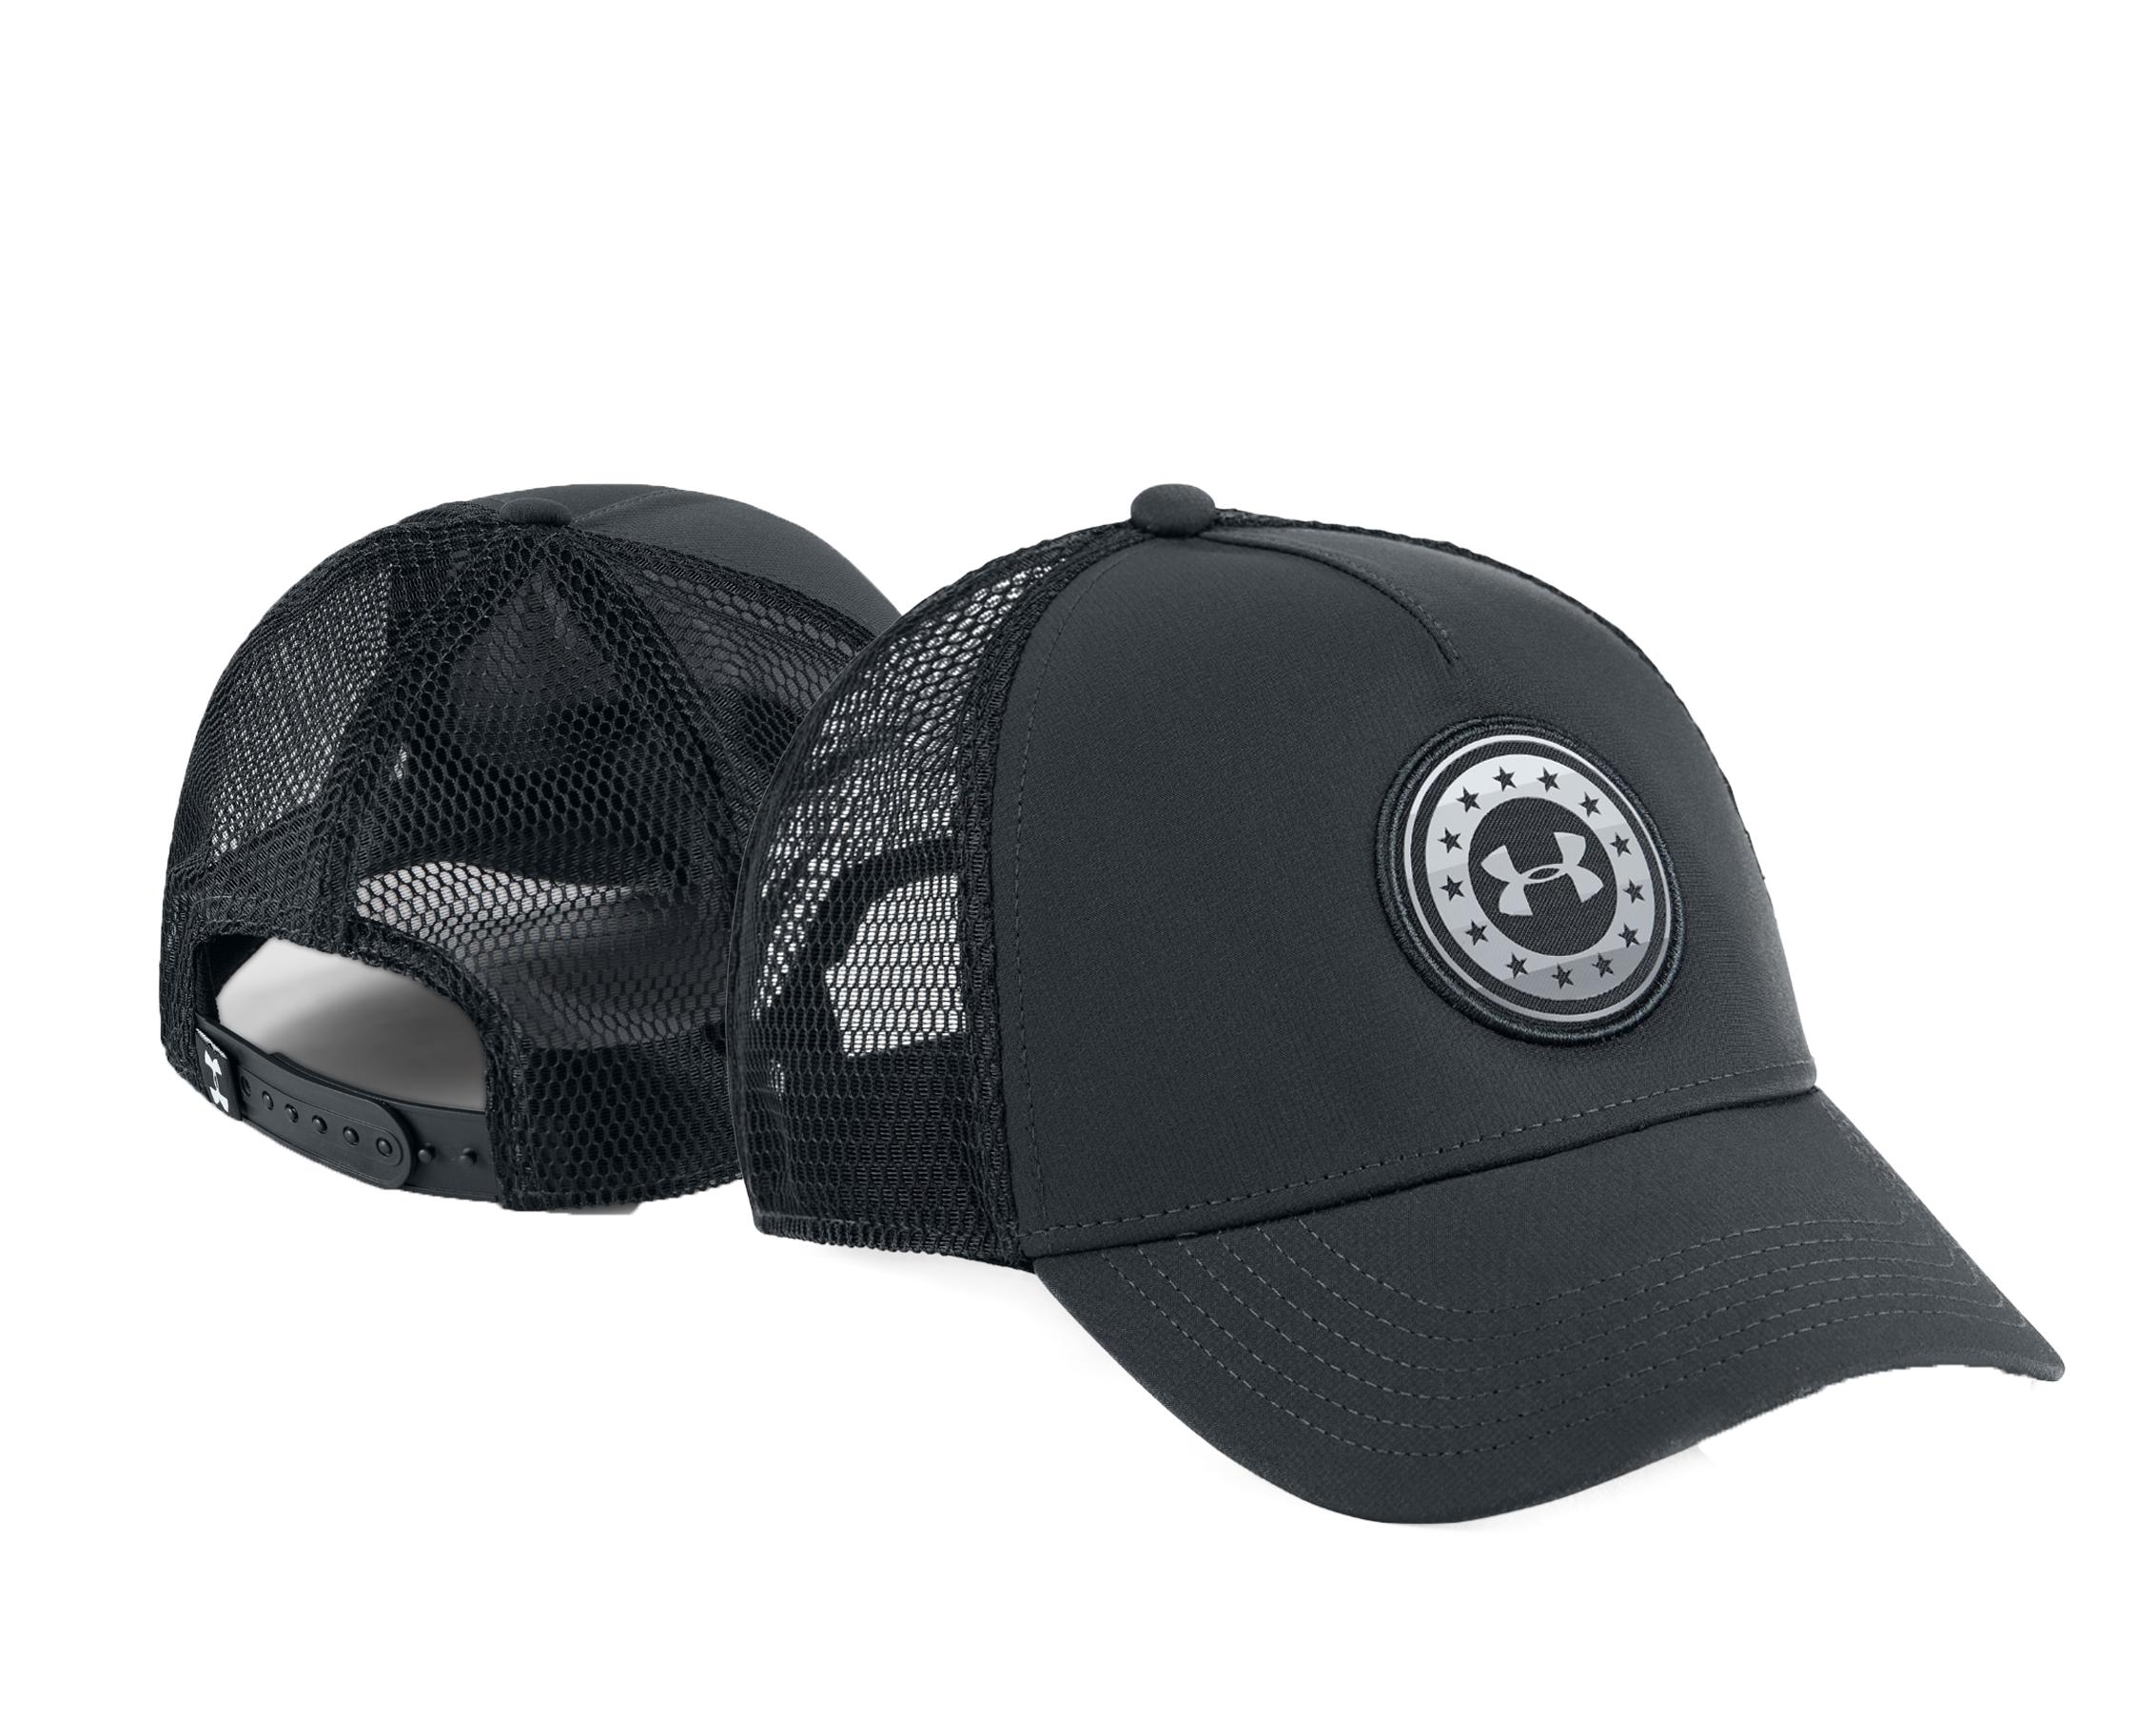 under armour trucker hat